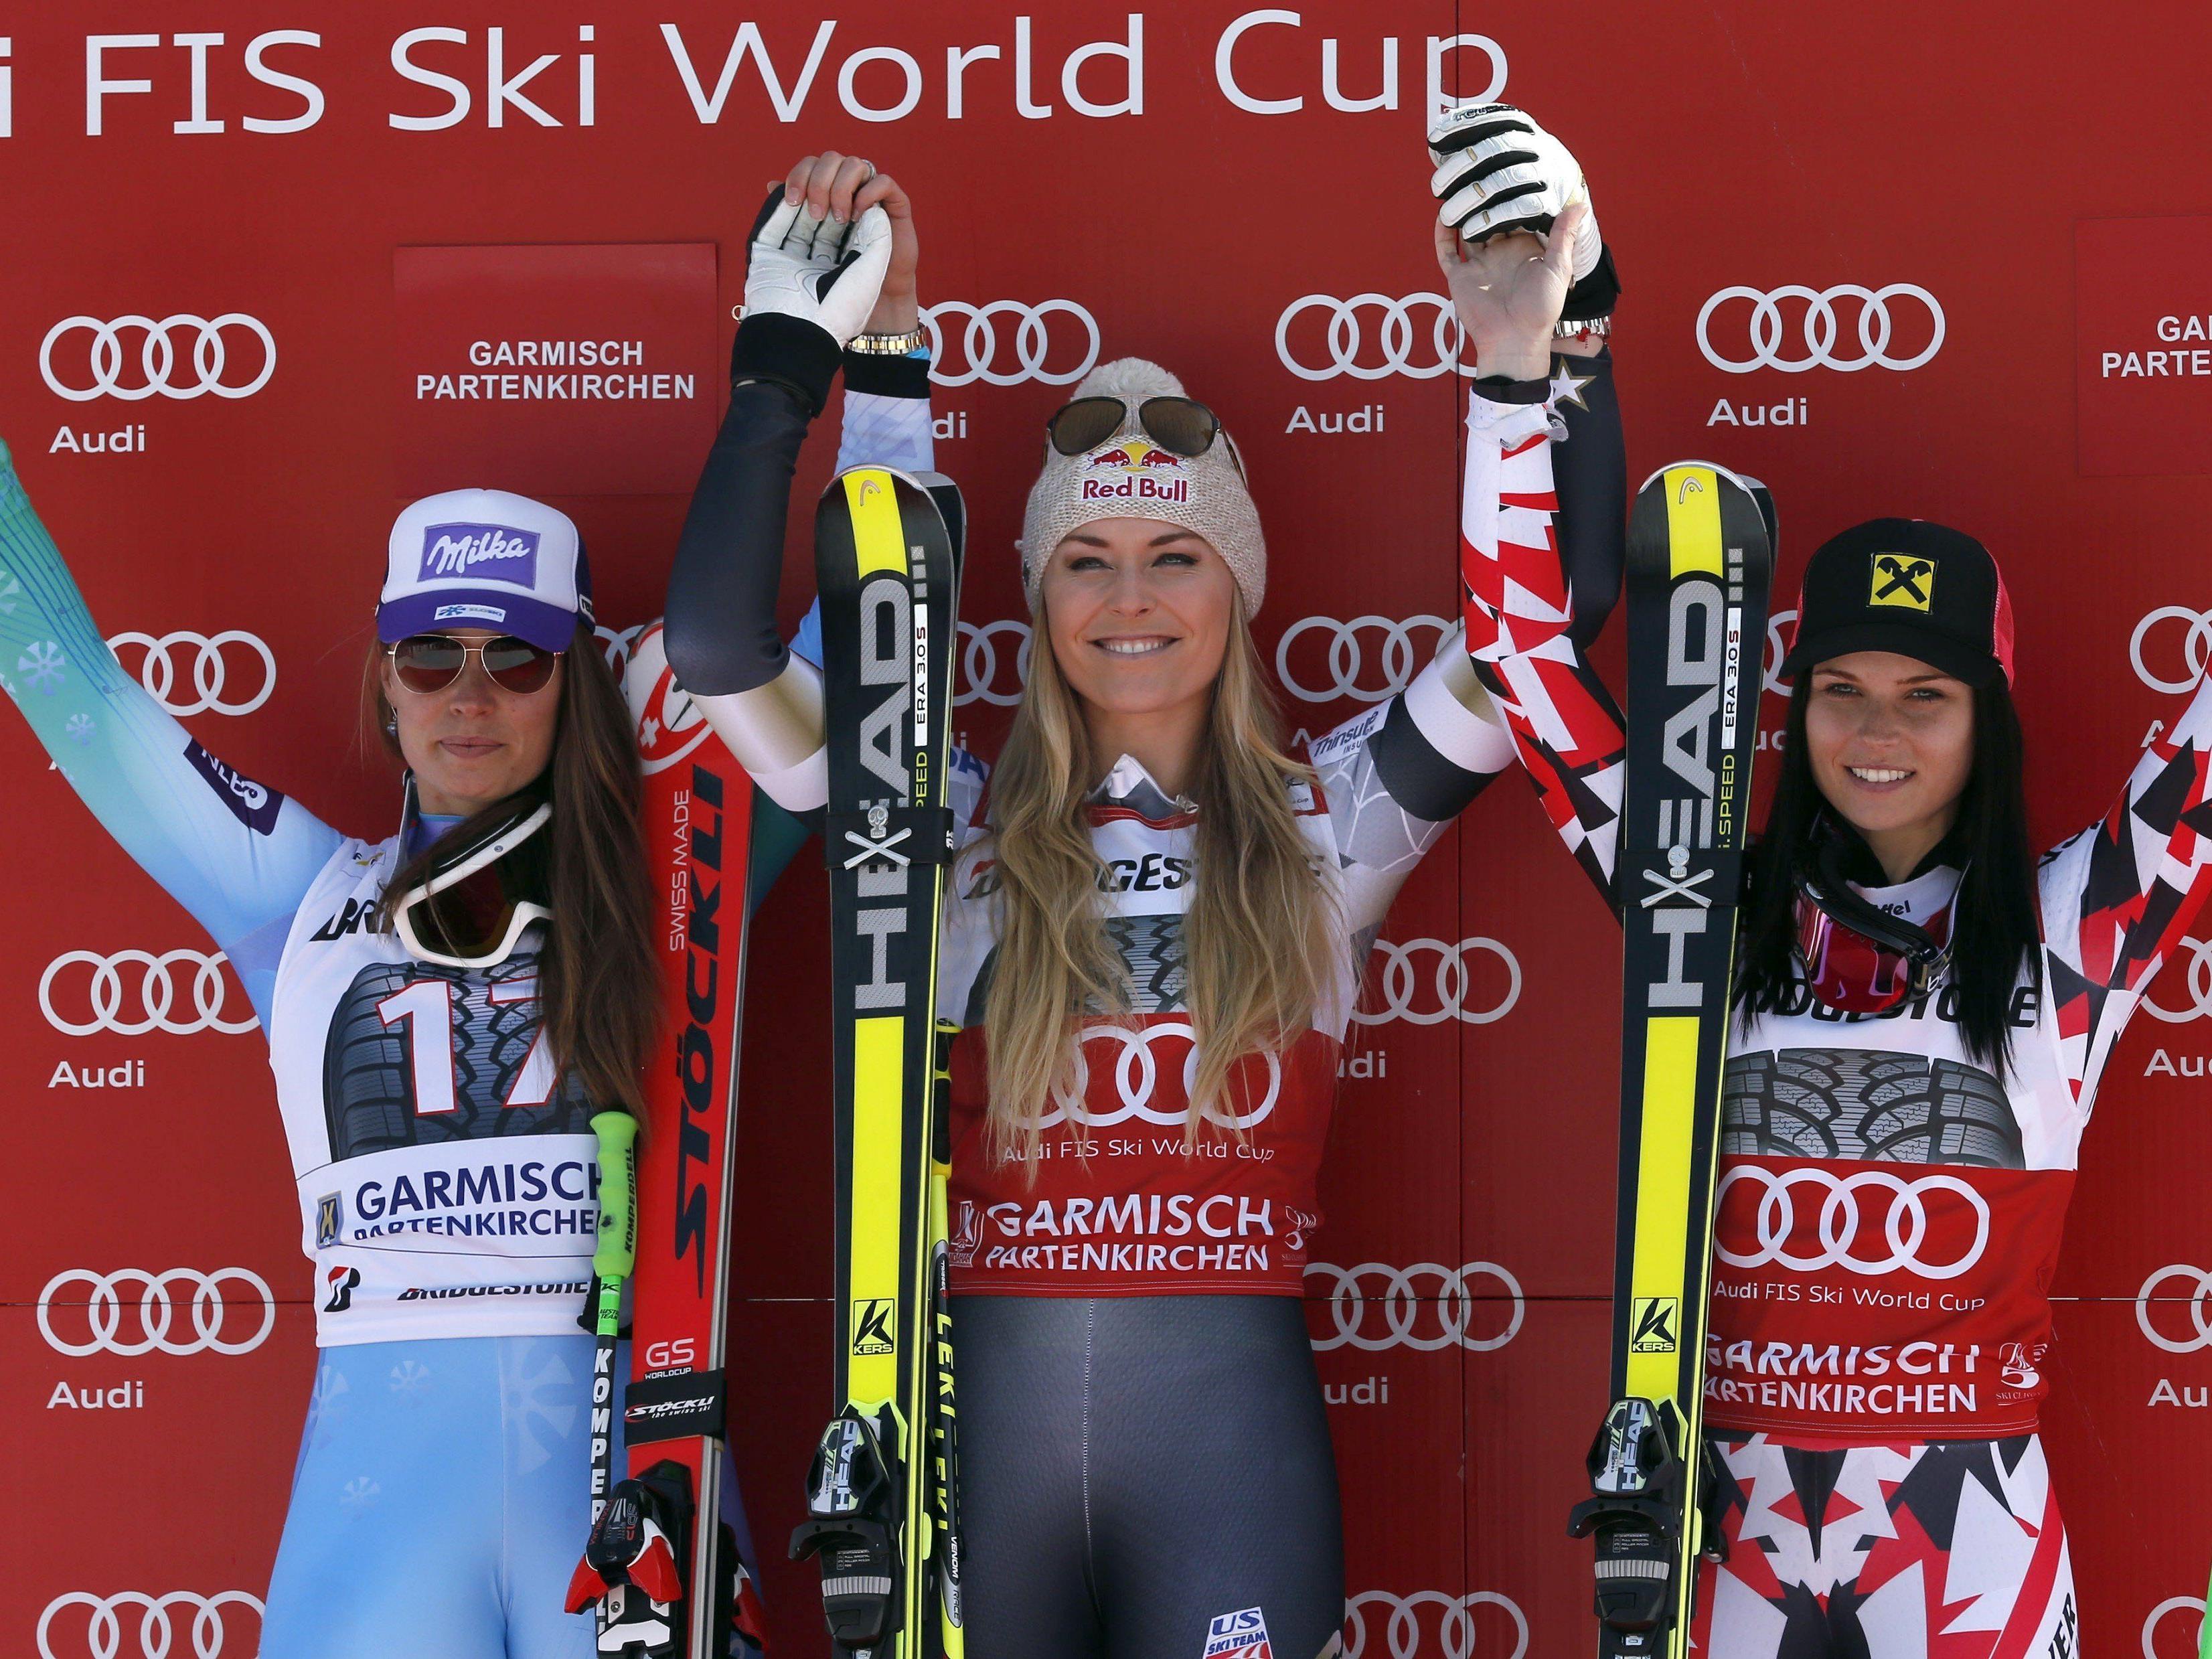 Ein Siegertreppchen, zwei offene Rennen um Kristallkugeln, drei exzellente Skifahrerinnen.